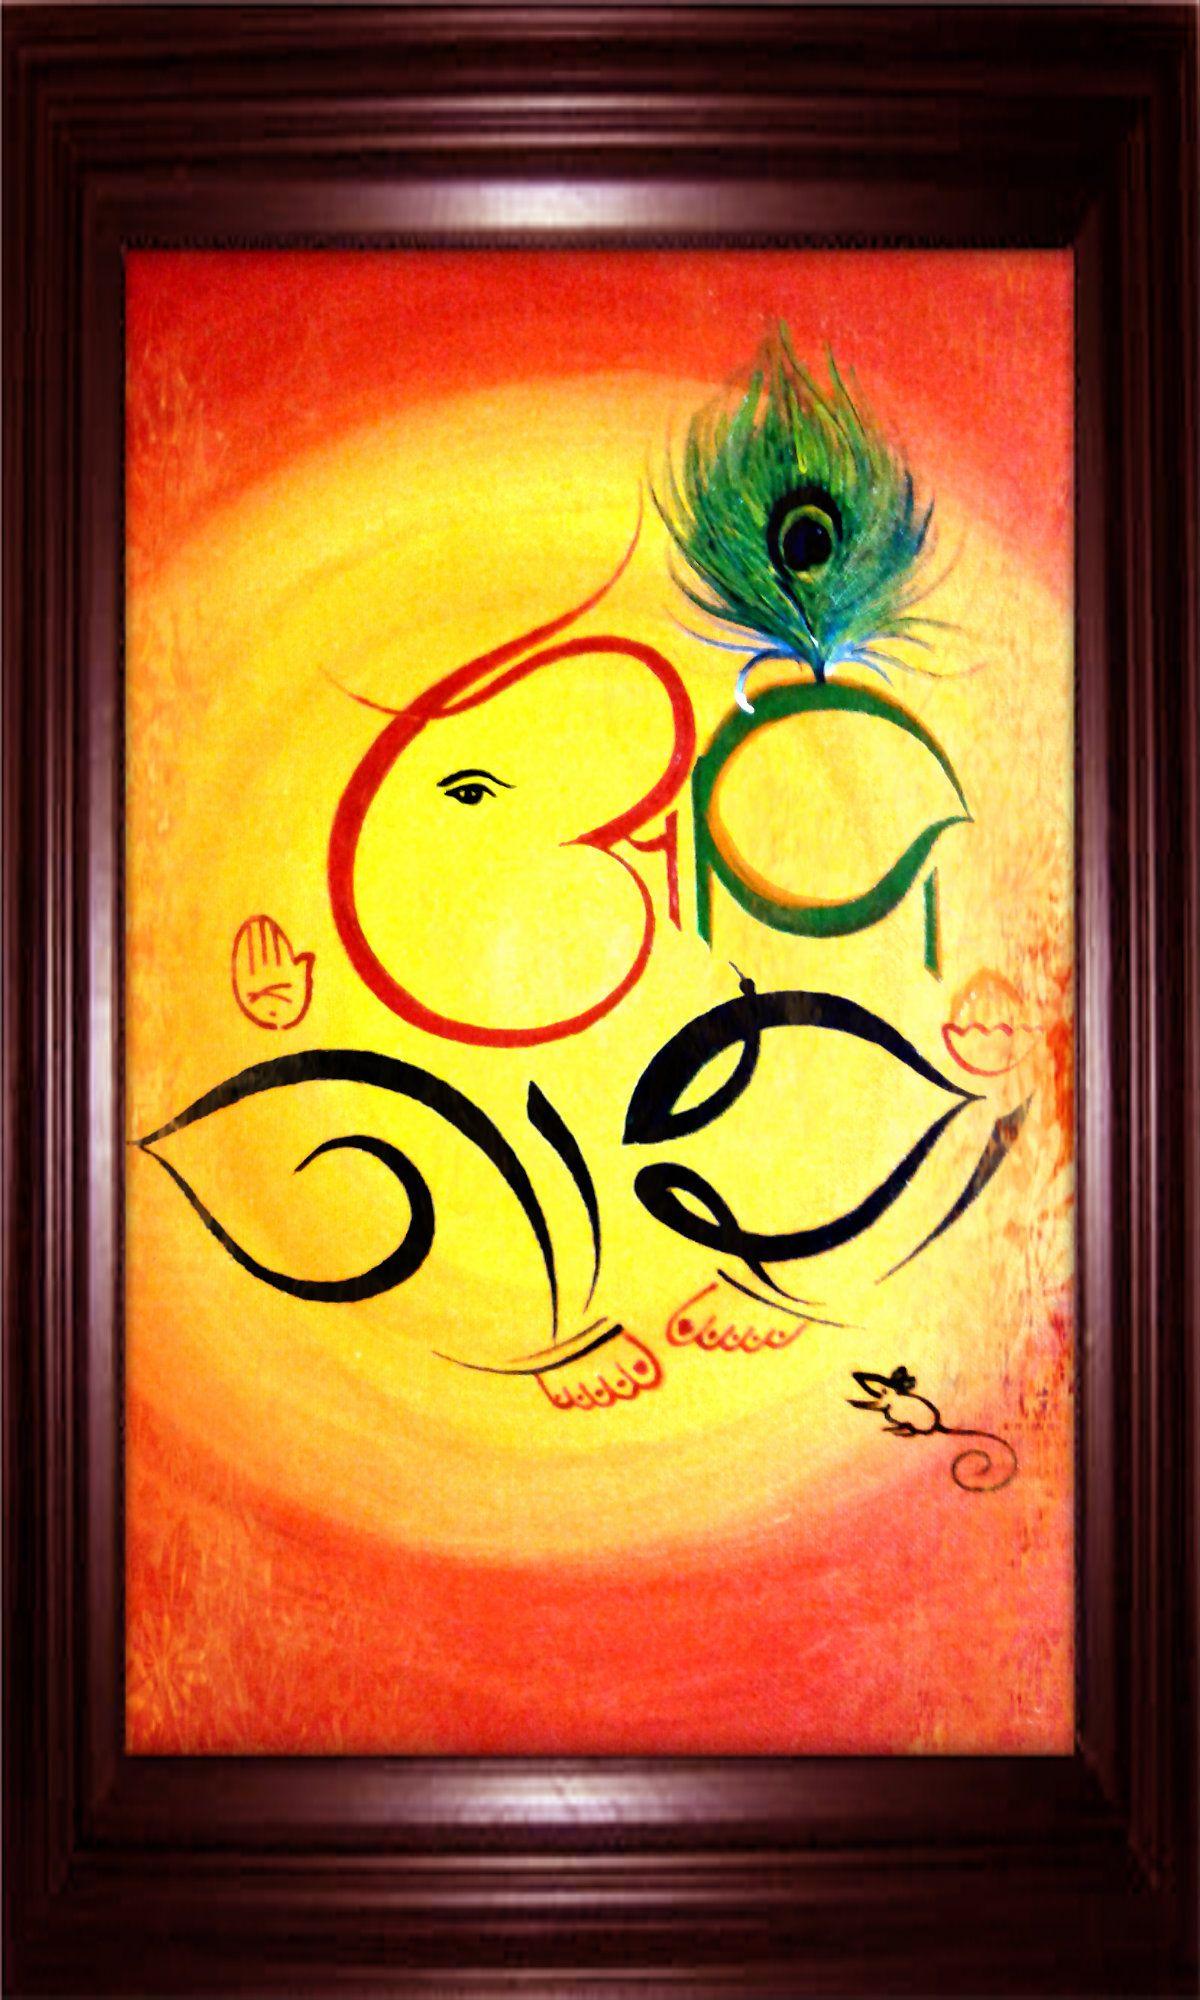 Top Wallpaper Name Avinash - 54b6ca99a4e9bb77321316f395c7b3d8  Graphic_775551.jpg